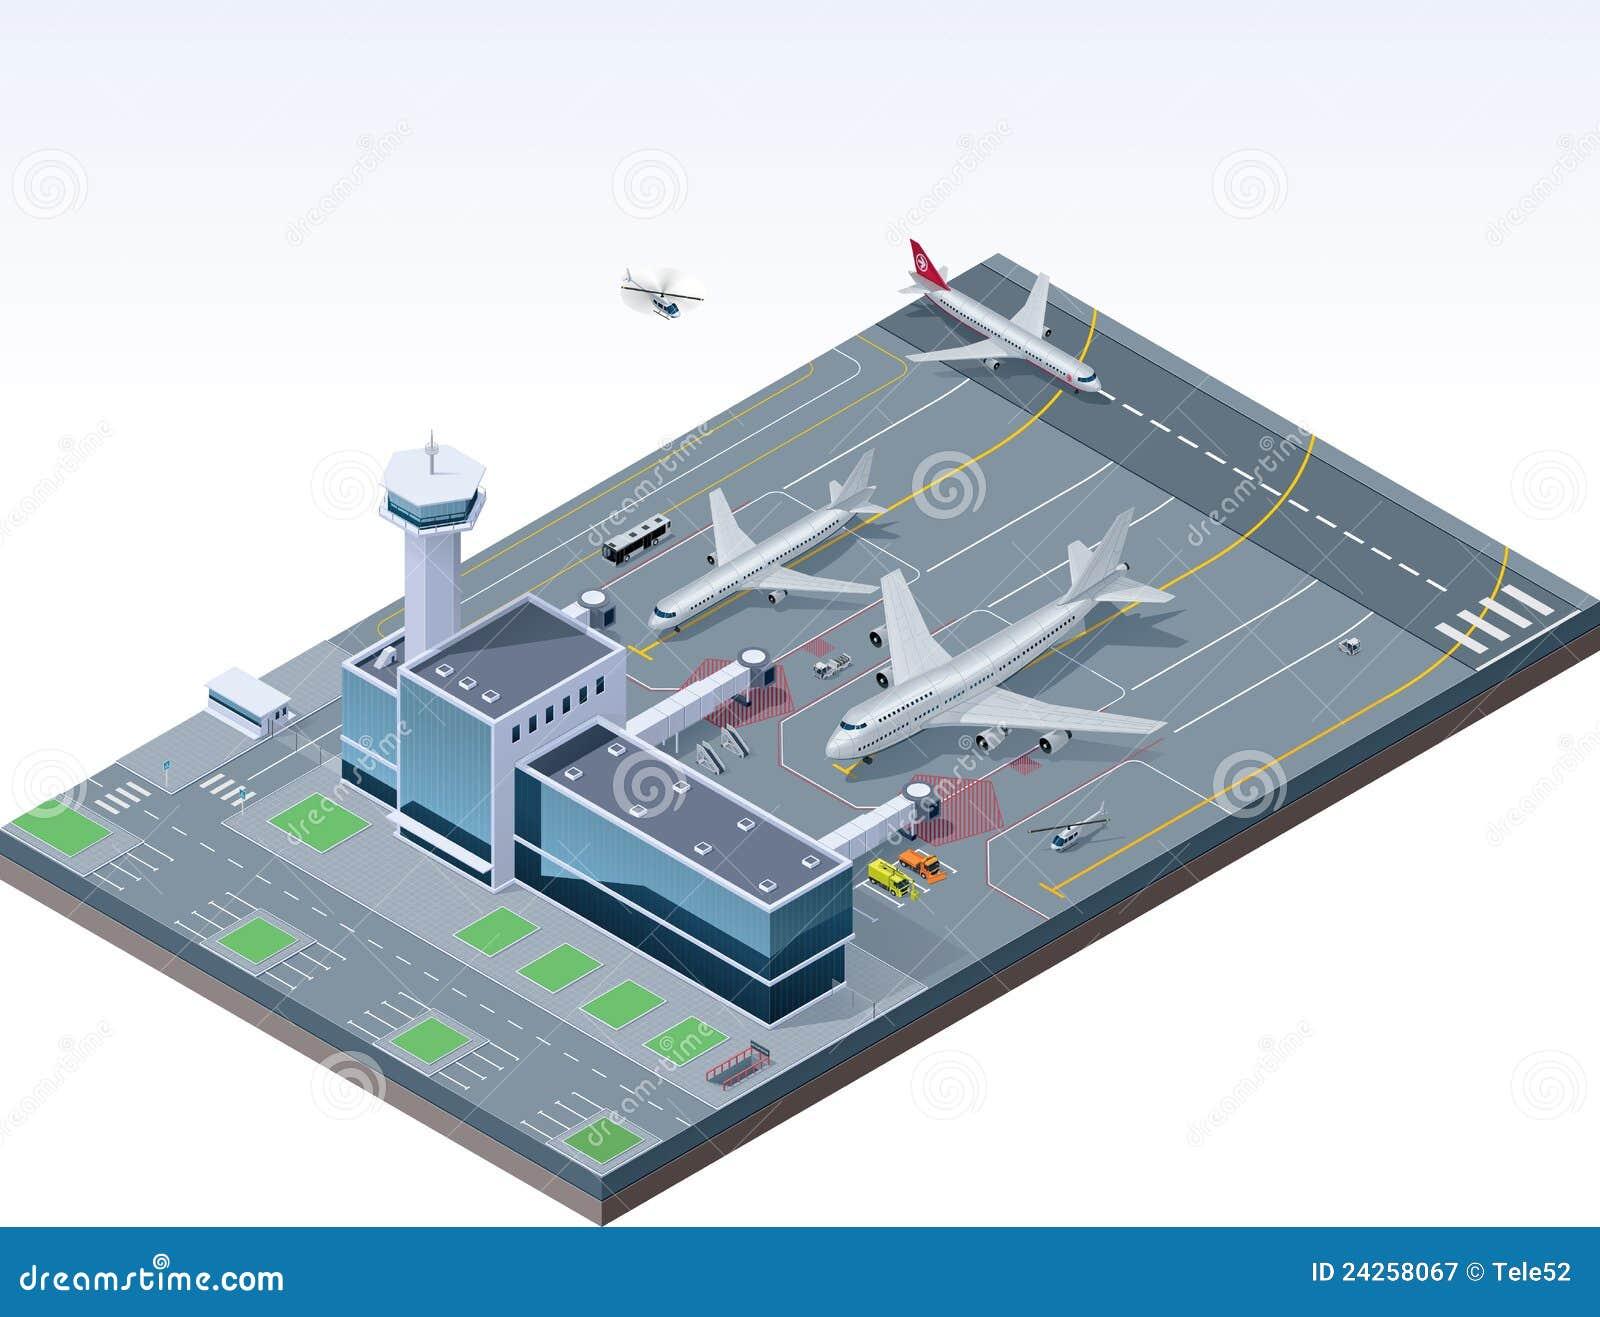 Aéroport isométrique de vecteur